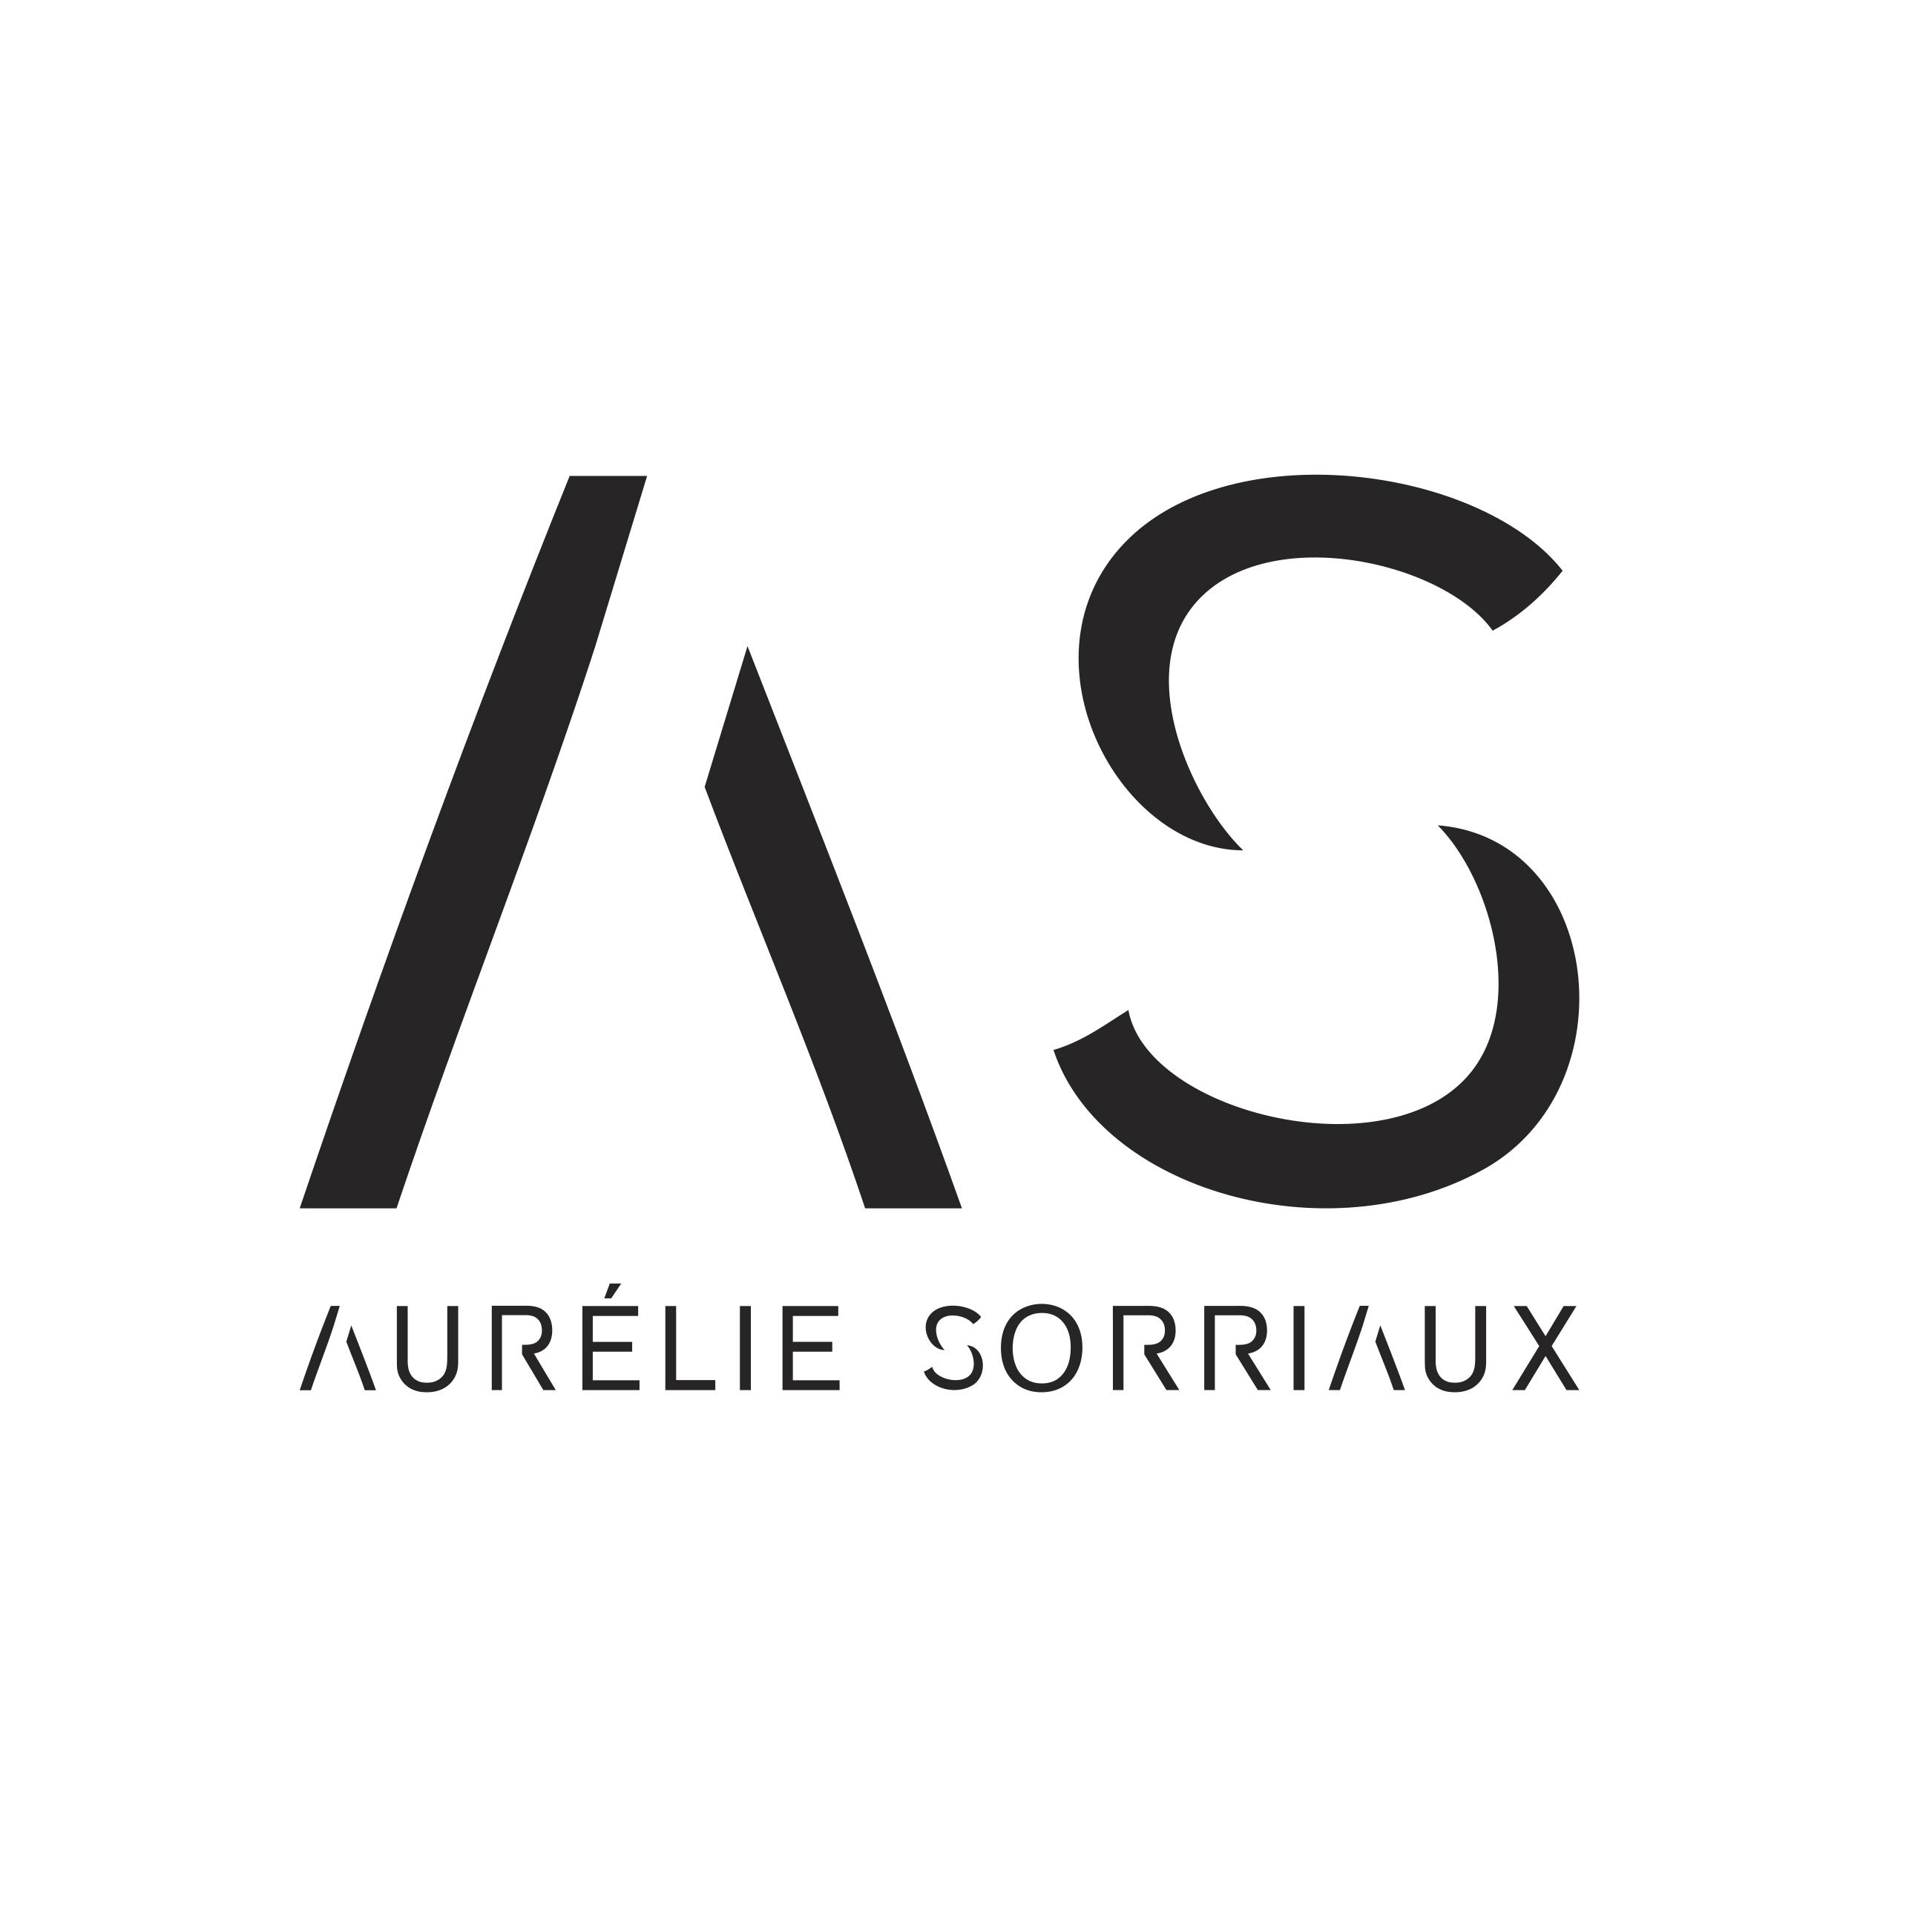 Aurélie Sorriaux